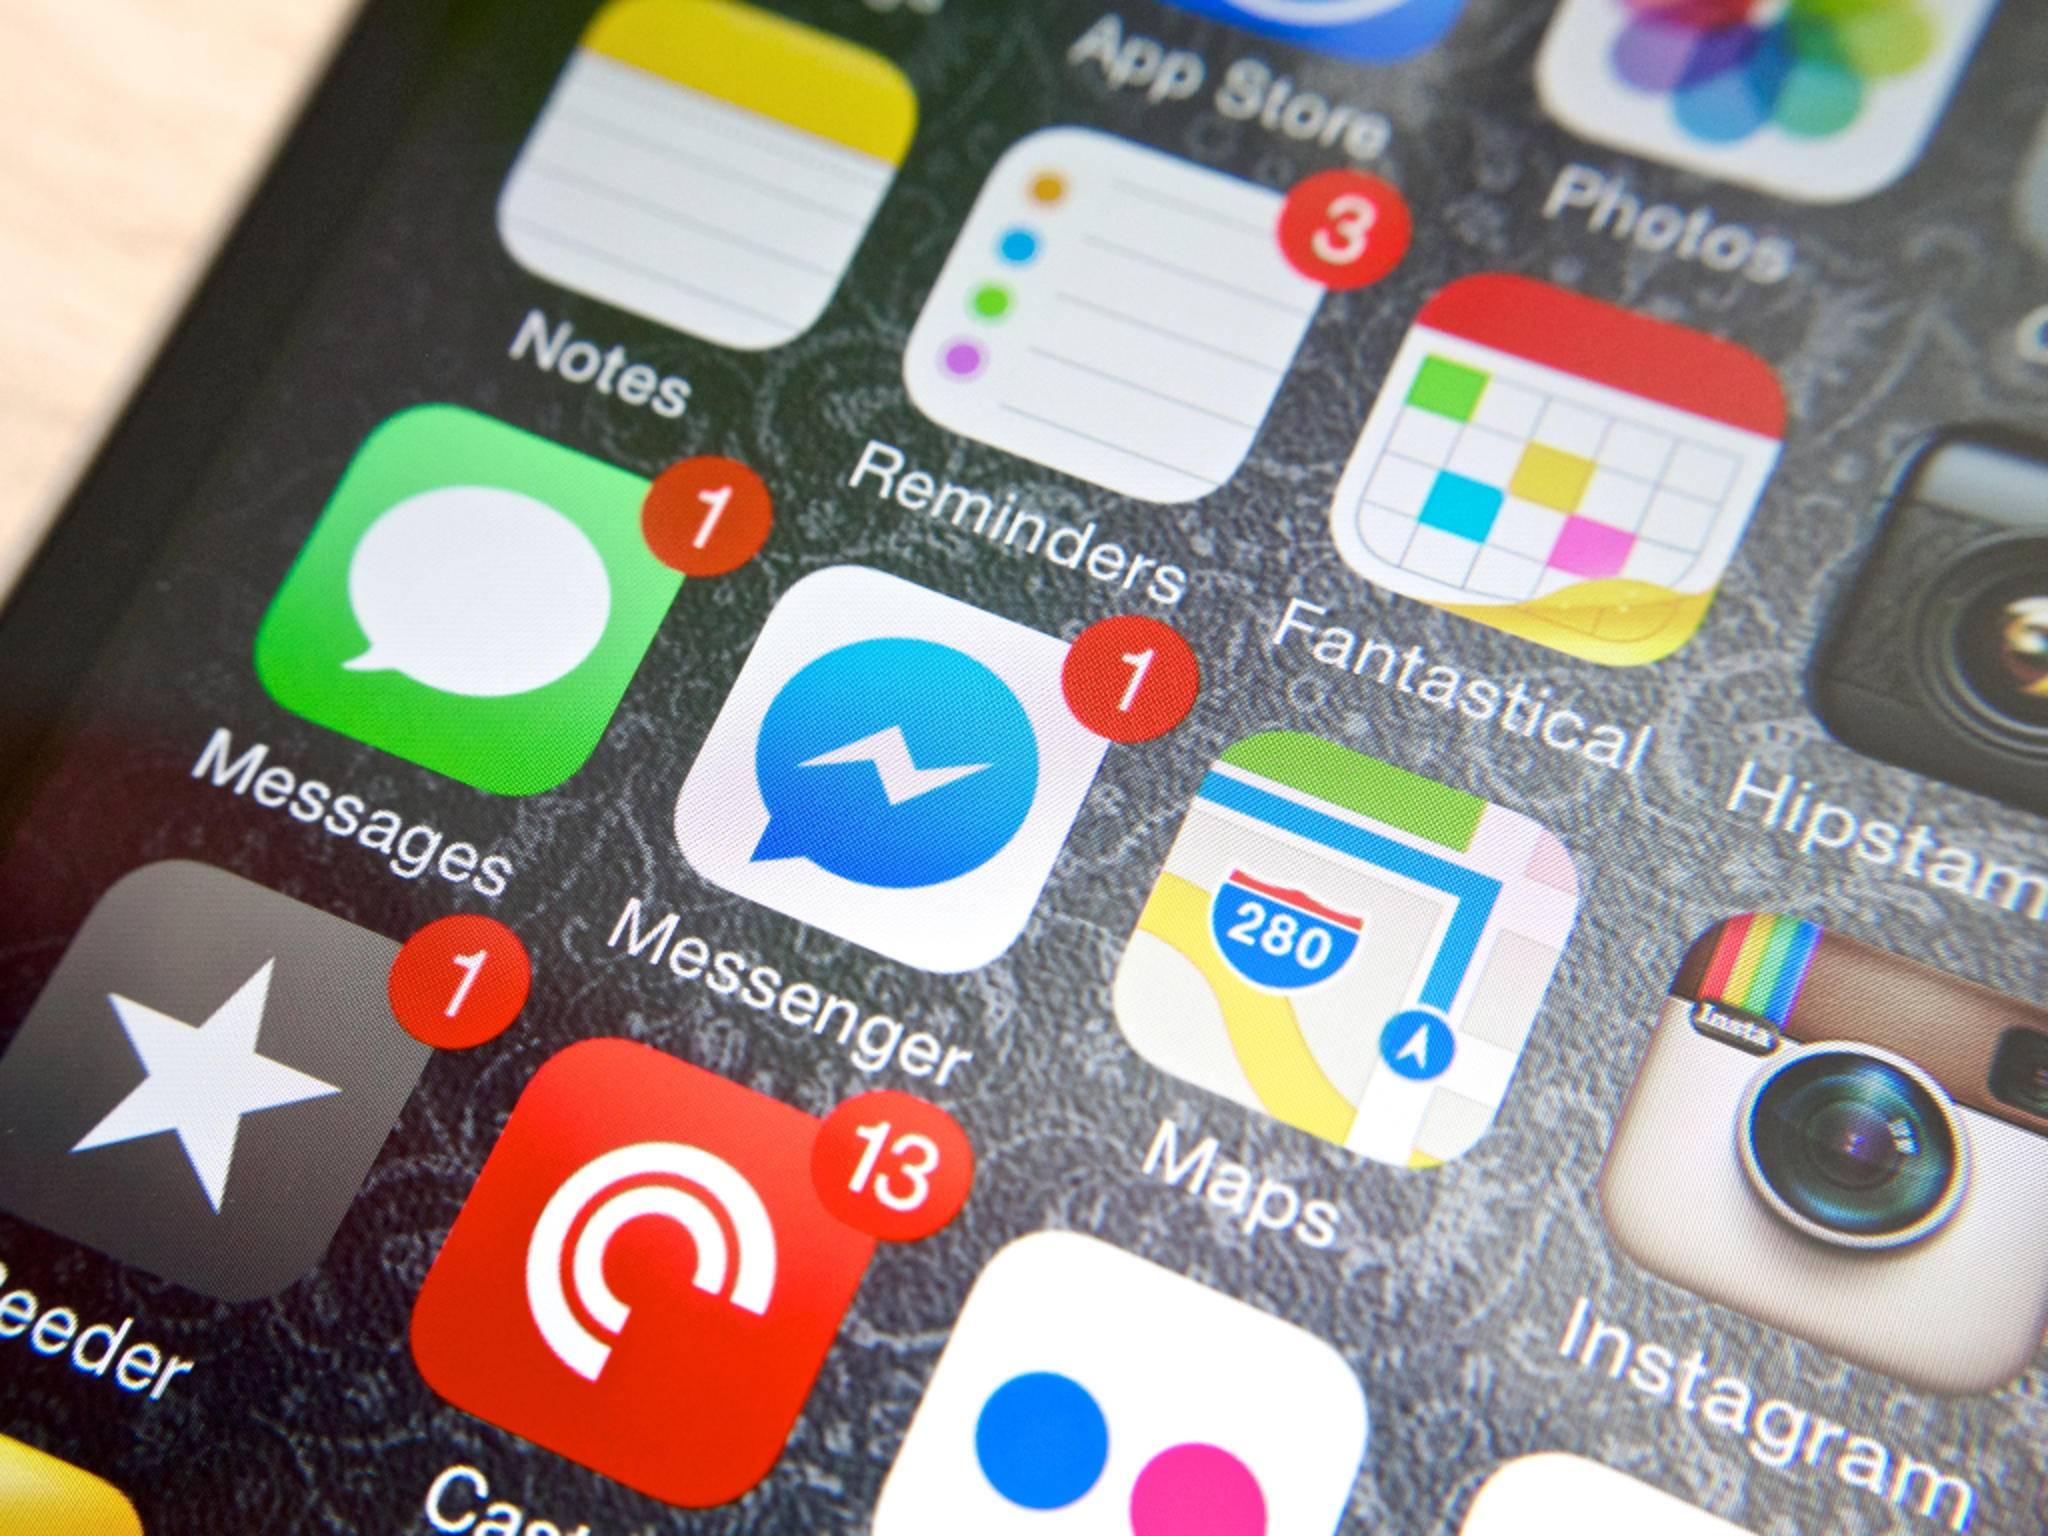 Es gibt unzählige Messenger-Apps. Einige versenden Nachrichten verschlüsselt.